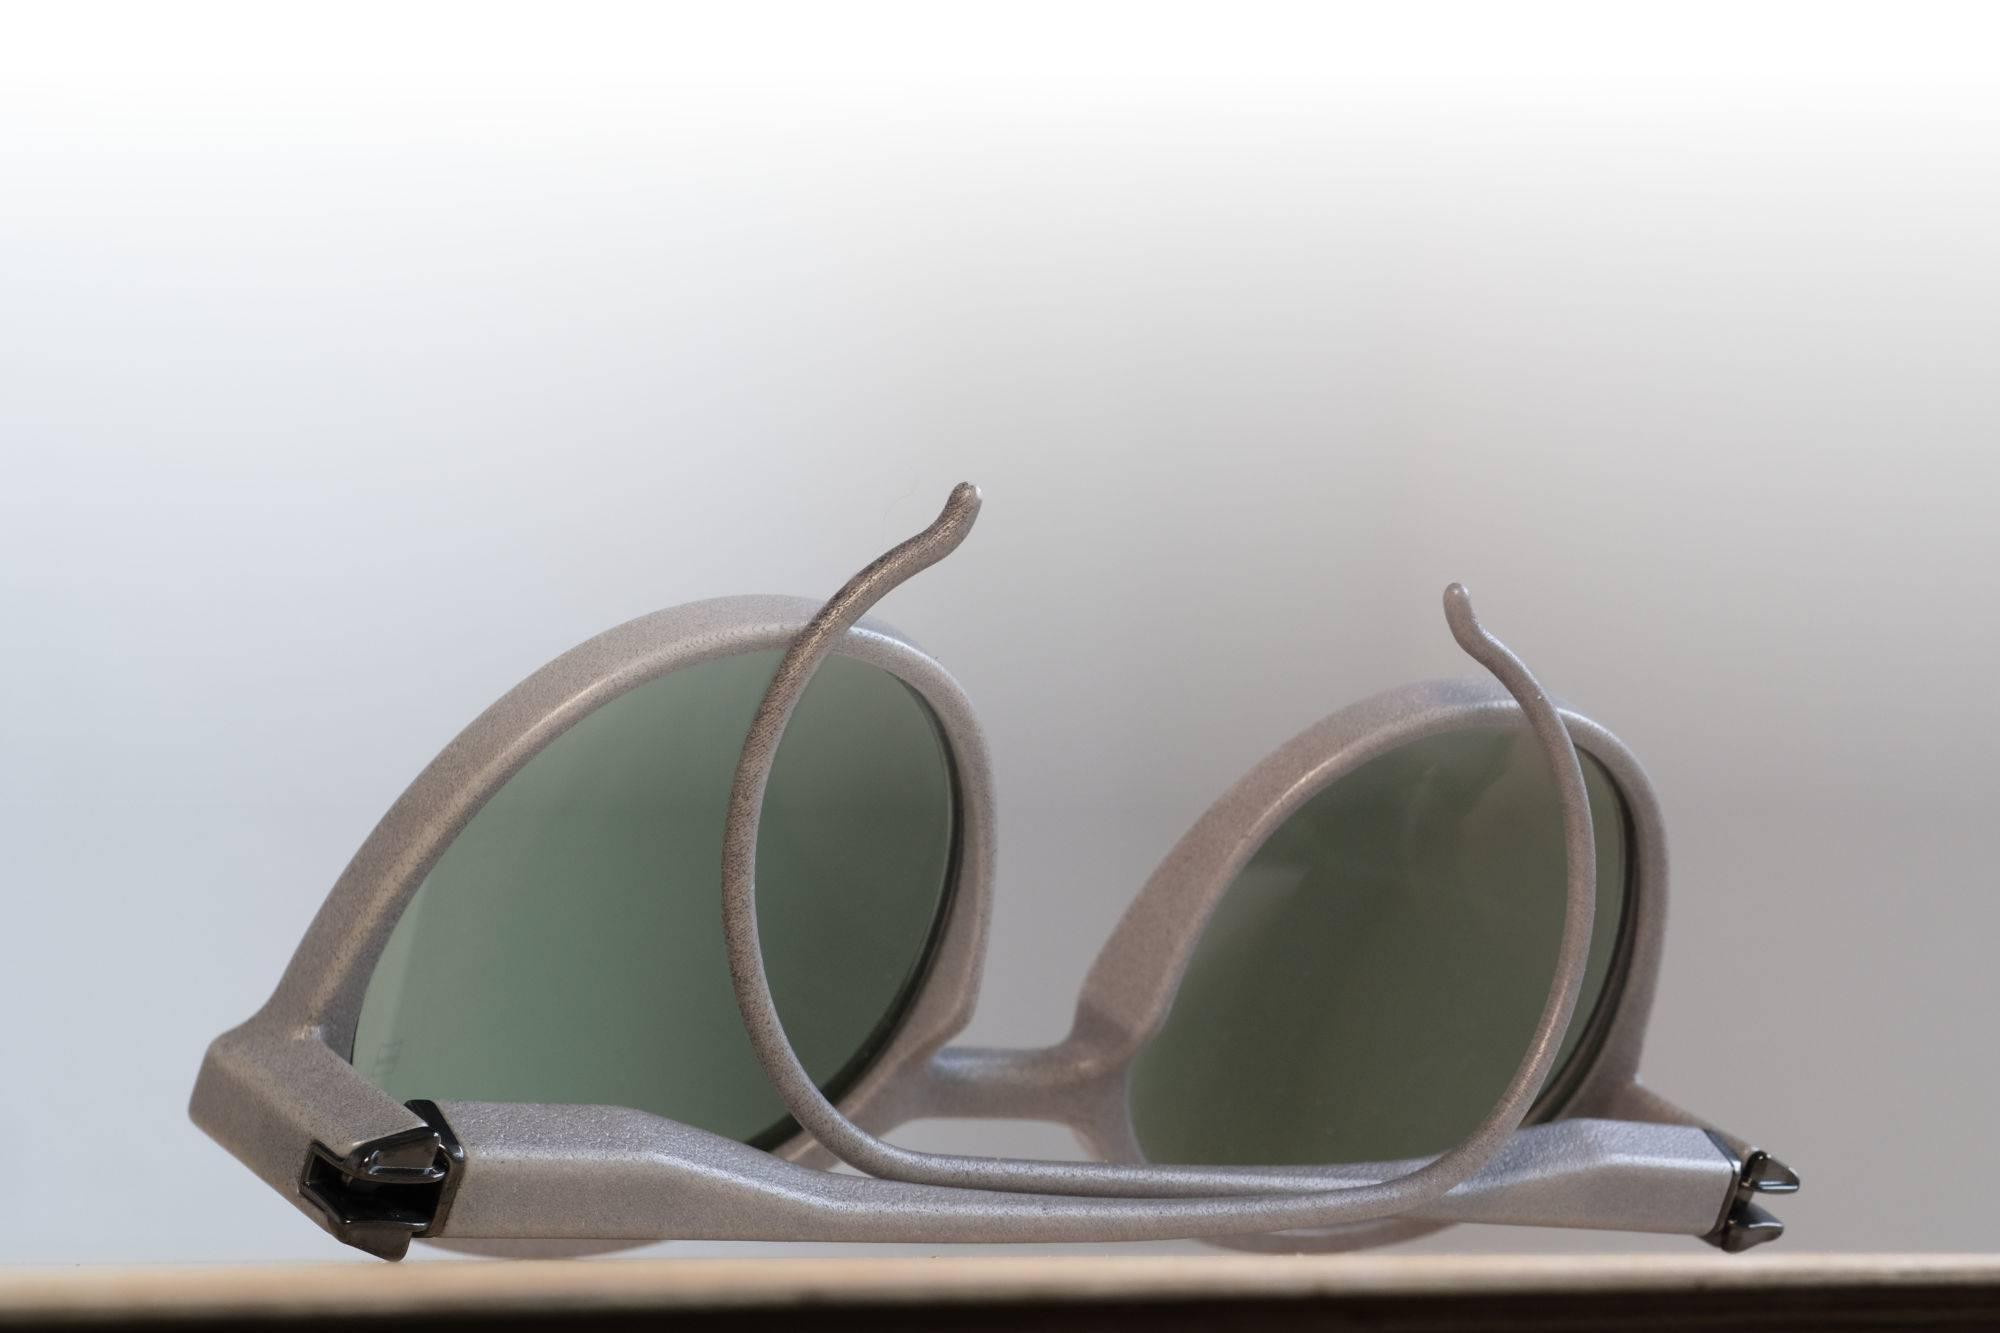 Klenze & Baum - Ward als Sportbrille